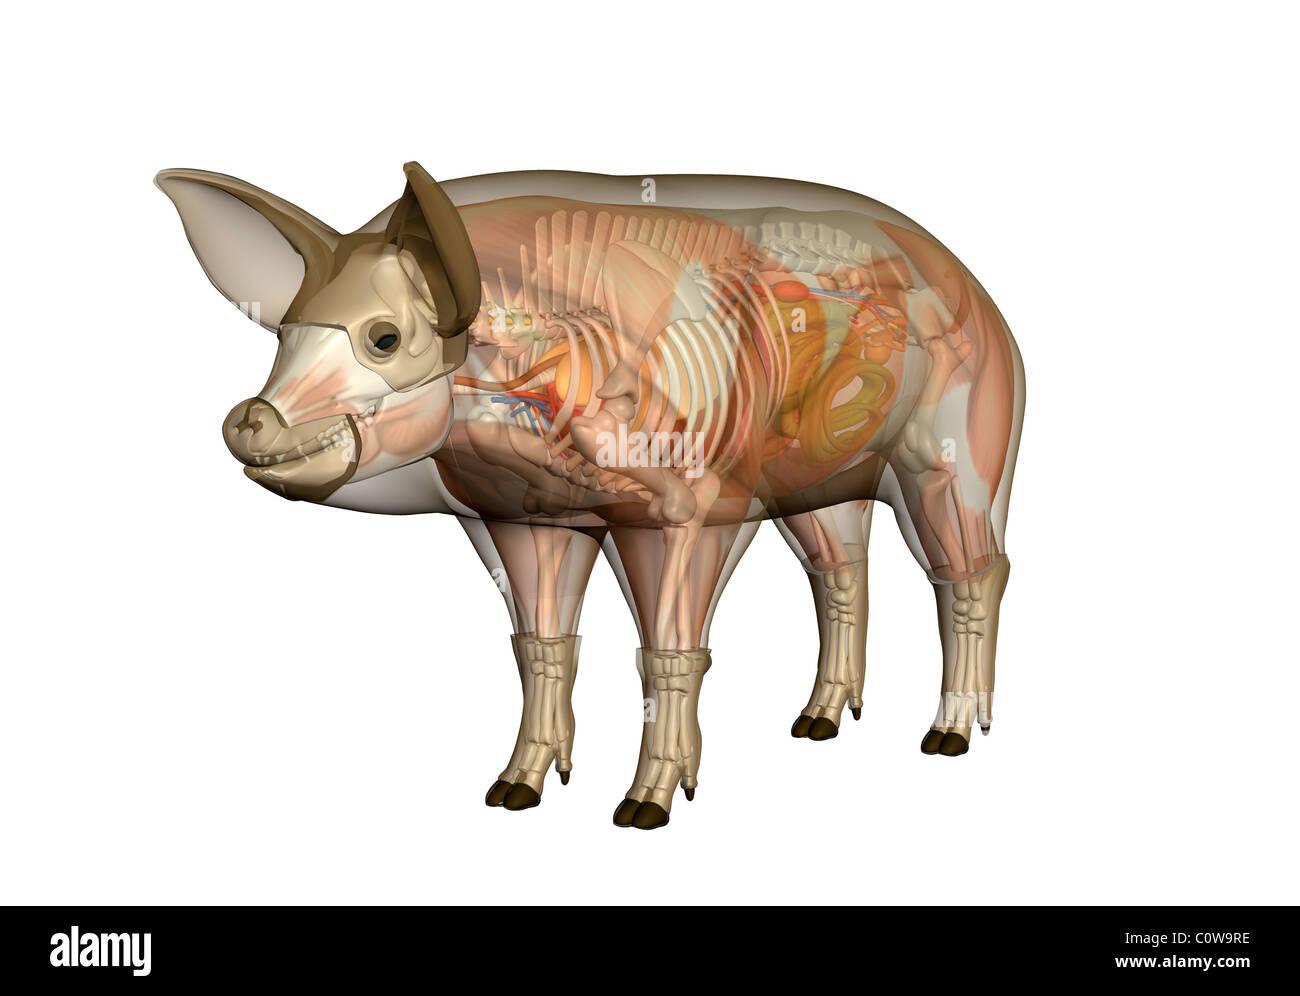 Anatomía del cerdo Foto & Imagen De Stock: 34977250 - Alamy